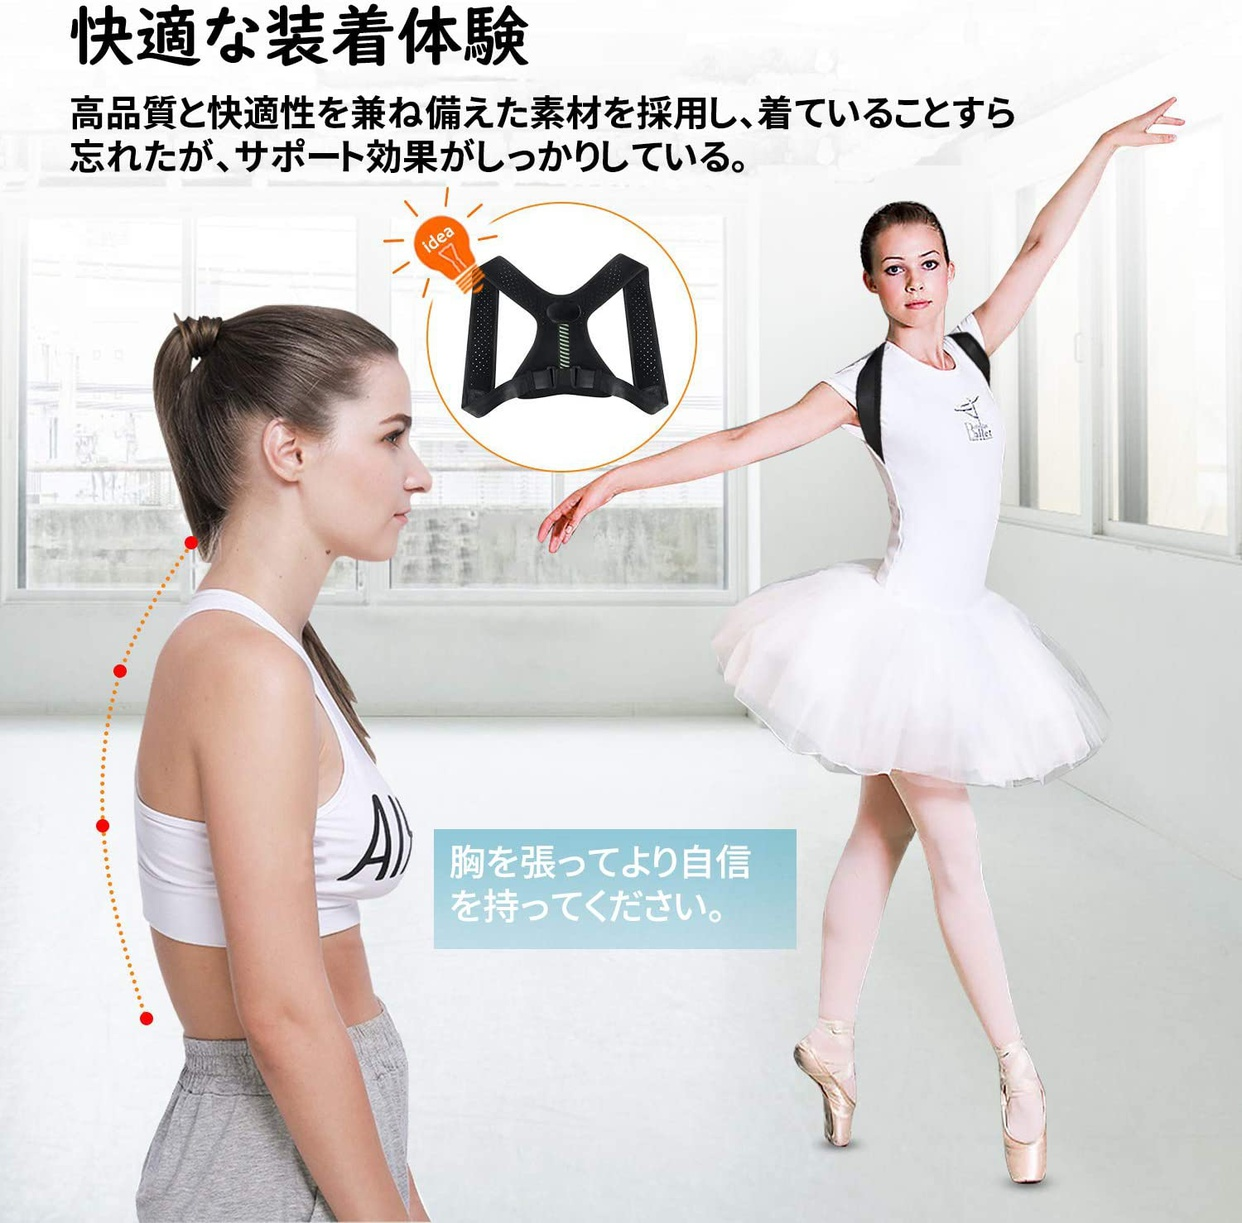 QcoQce(クコクエ) 姿勢矯正ベルトの商品画像7